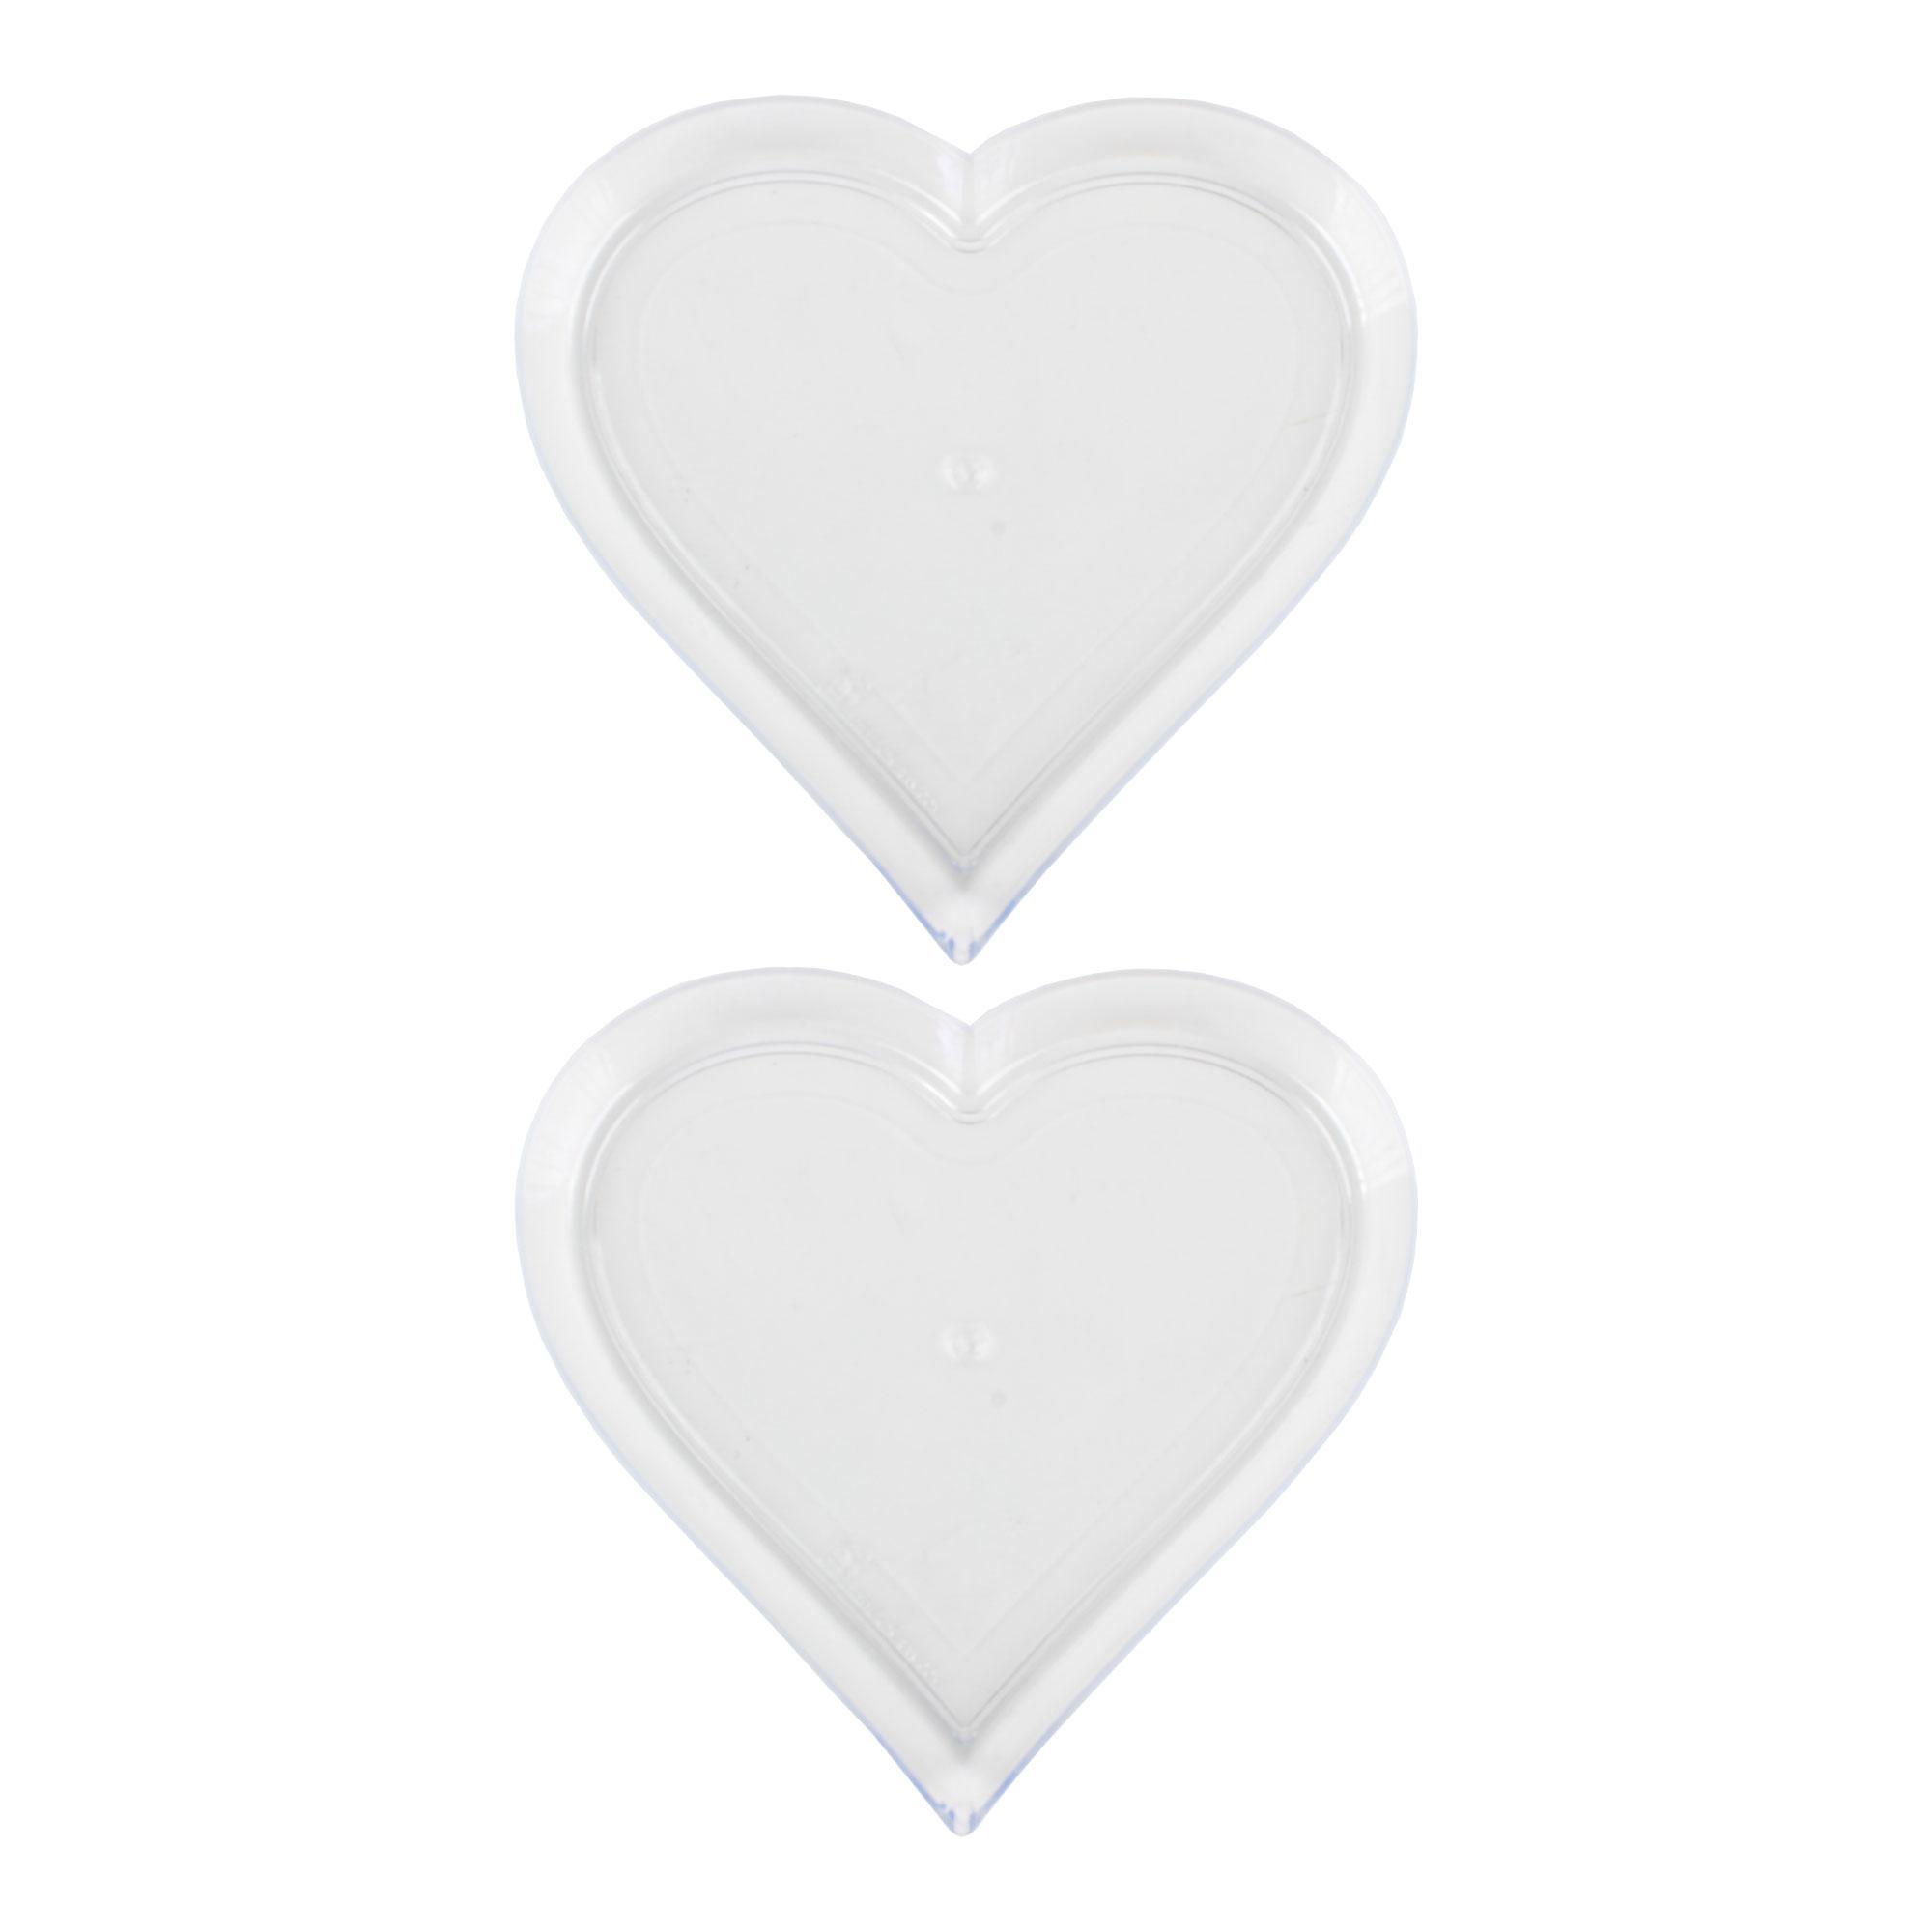 سینی یکبارمصرف طرح قلب مدل S22 بسته 2 عددی